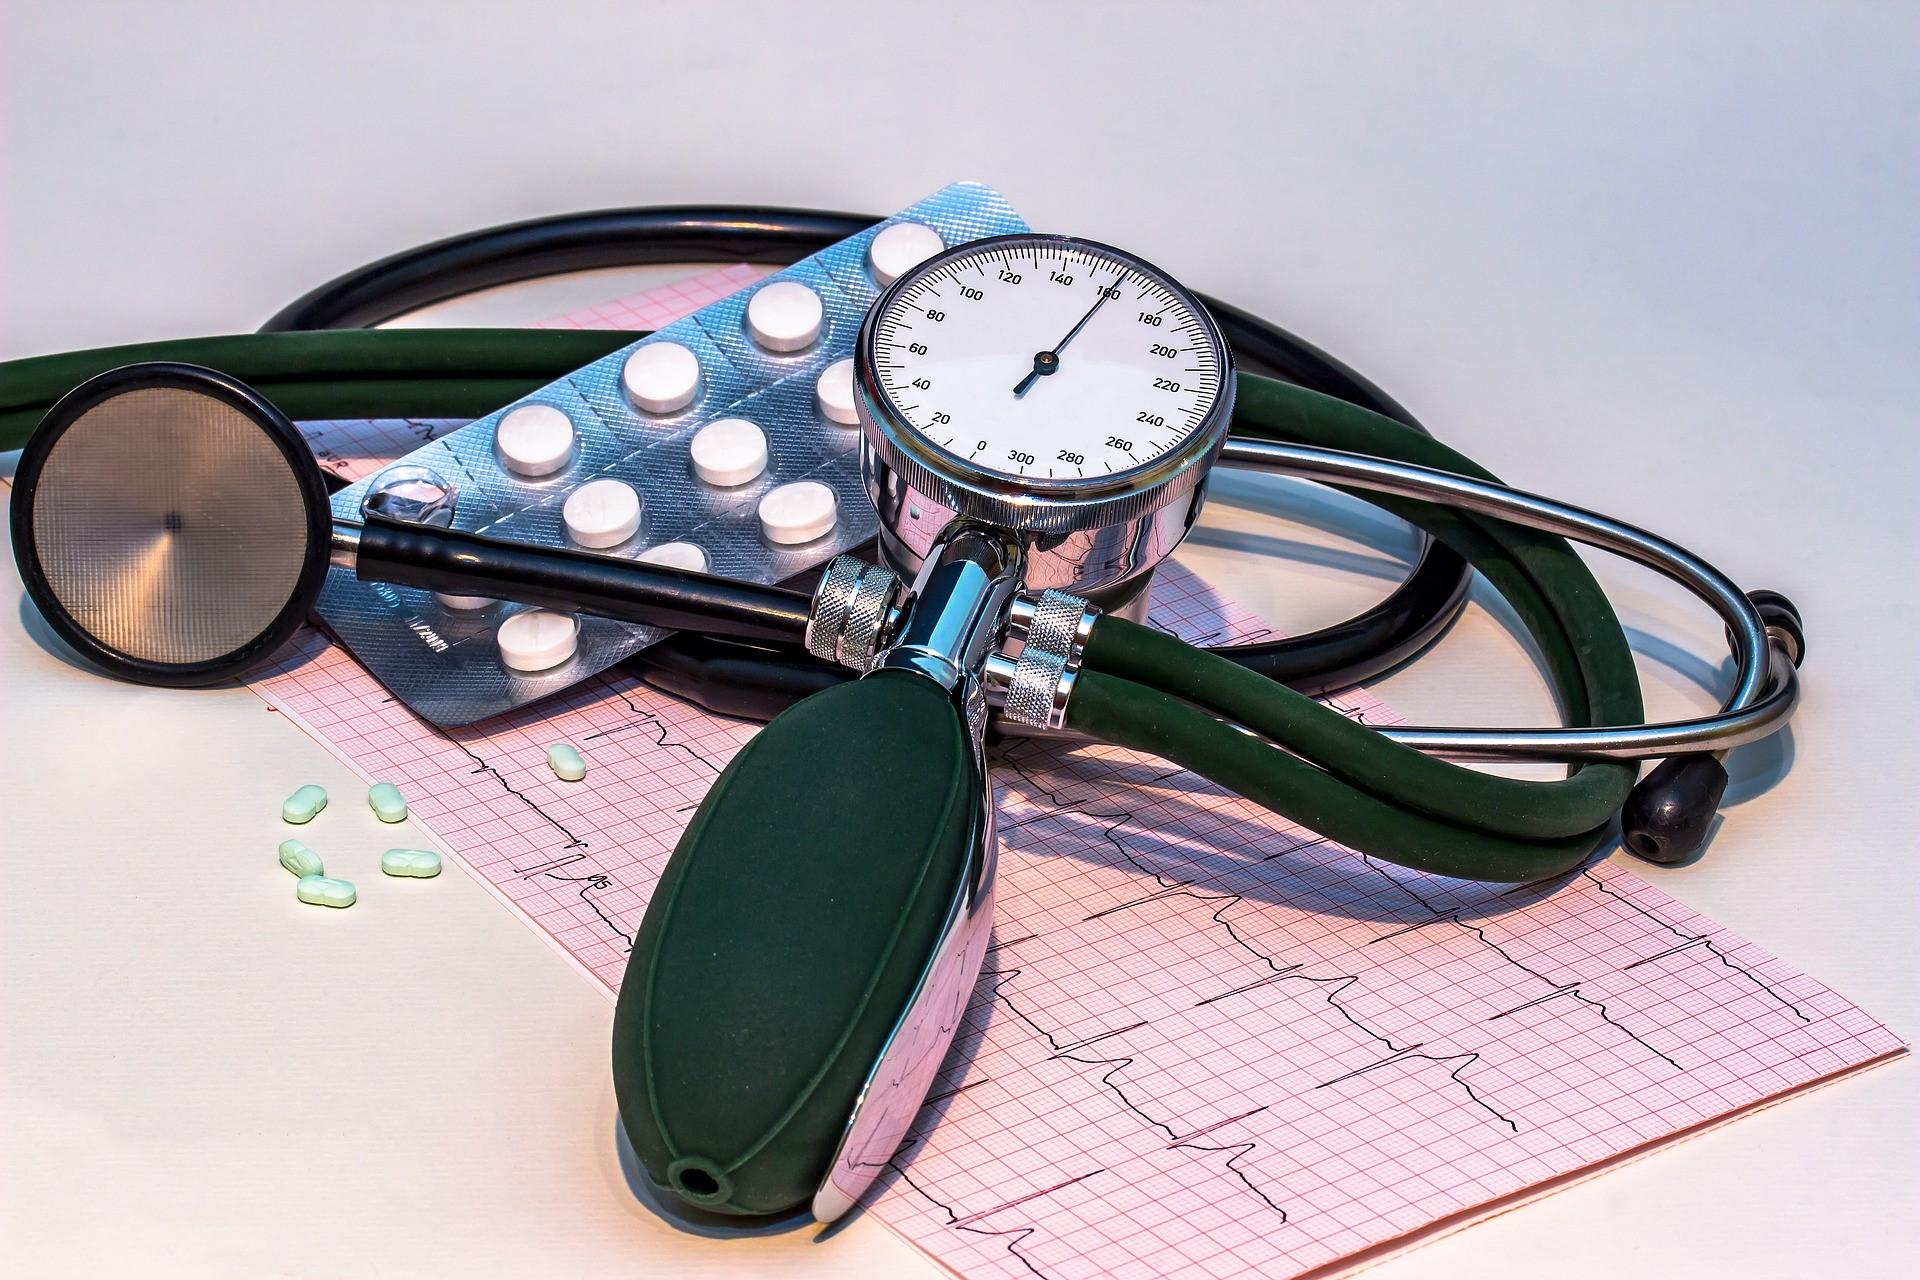 vaistai hipertenzijai gydyti ir